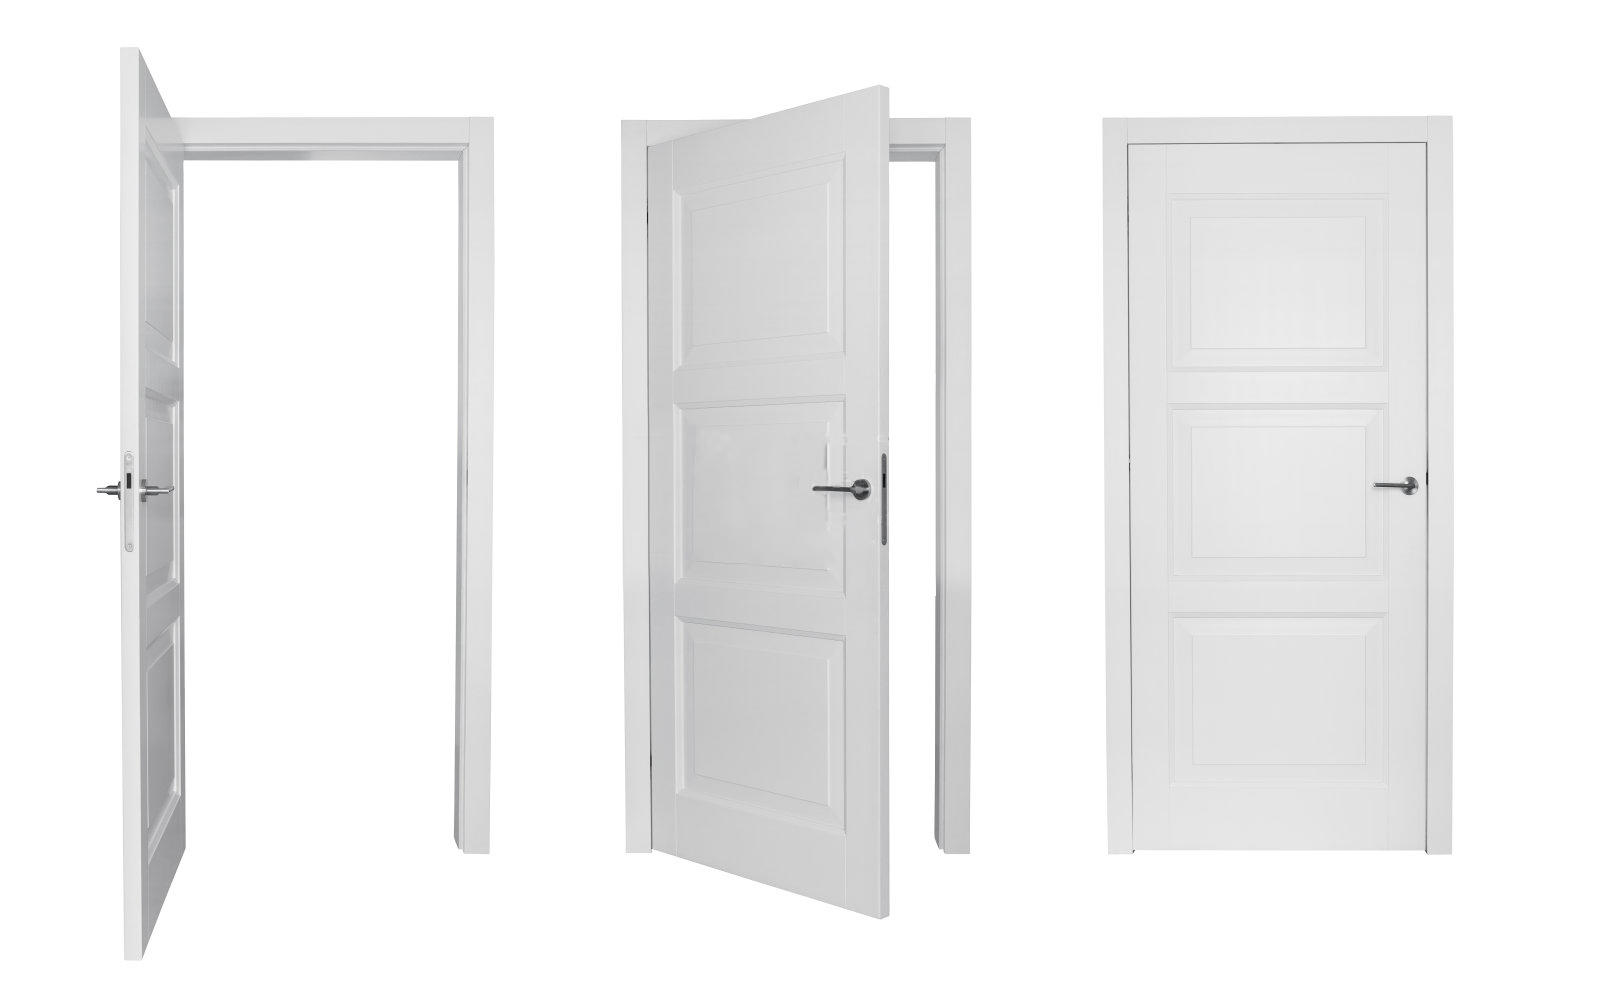 2 Hours Fireproof Low Price India pakistan Carving Models Double Main Door Pictures Interior Panel Simple Design Teak Wood Door